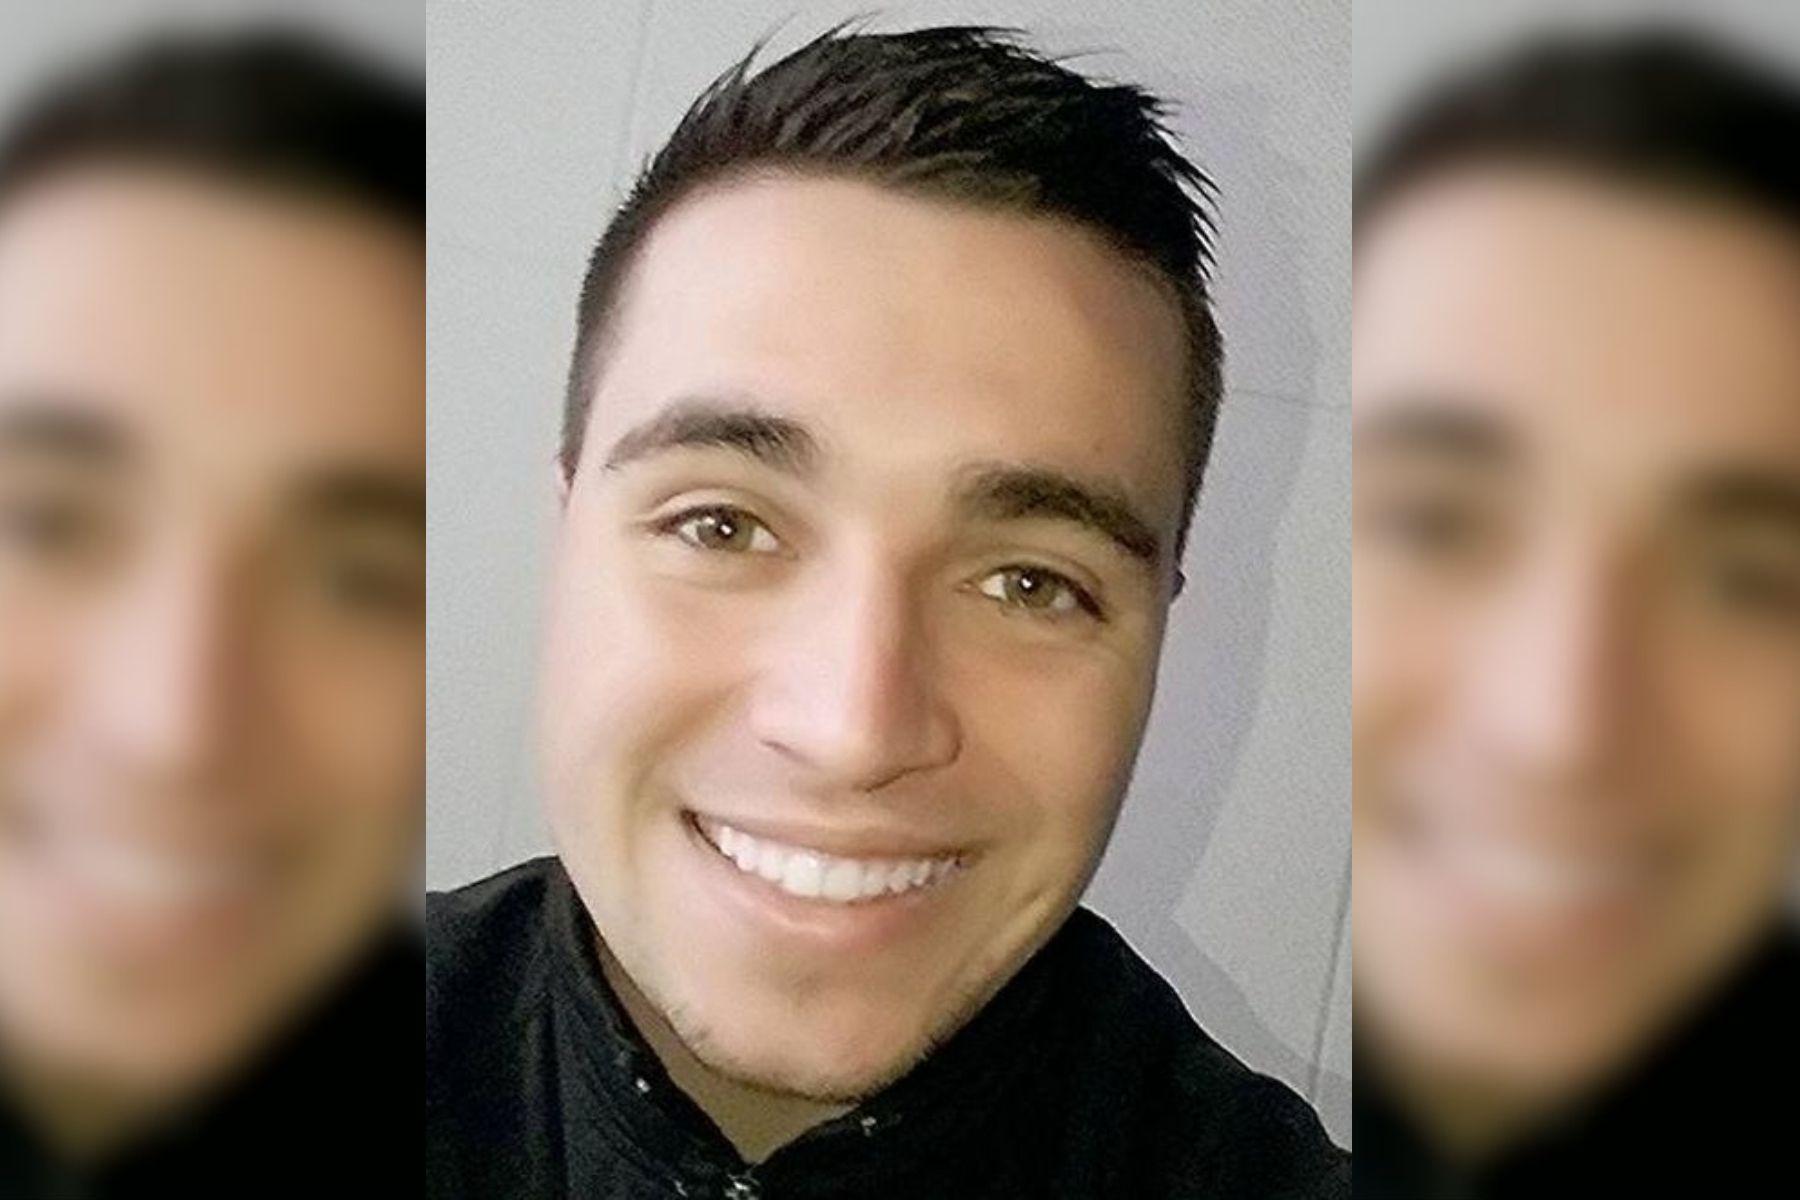 No le permitió vivir: el mensaje de la familia del joven asesinado por un ex novio celoso